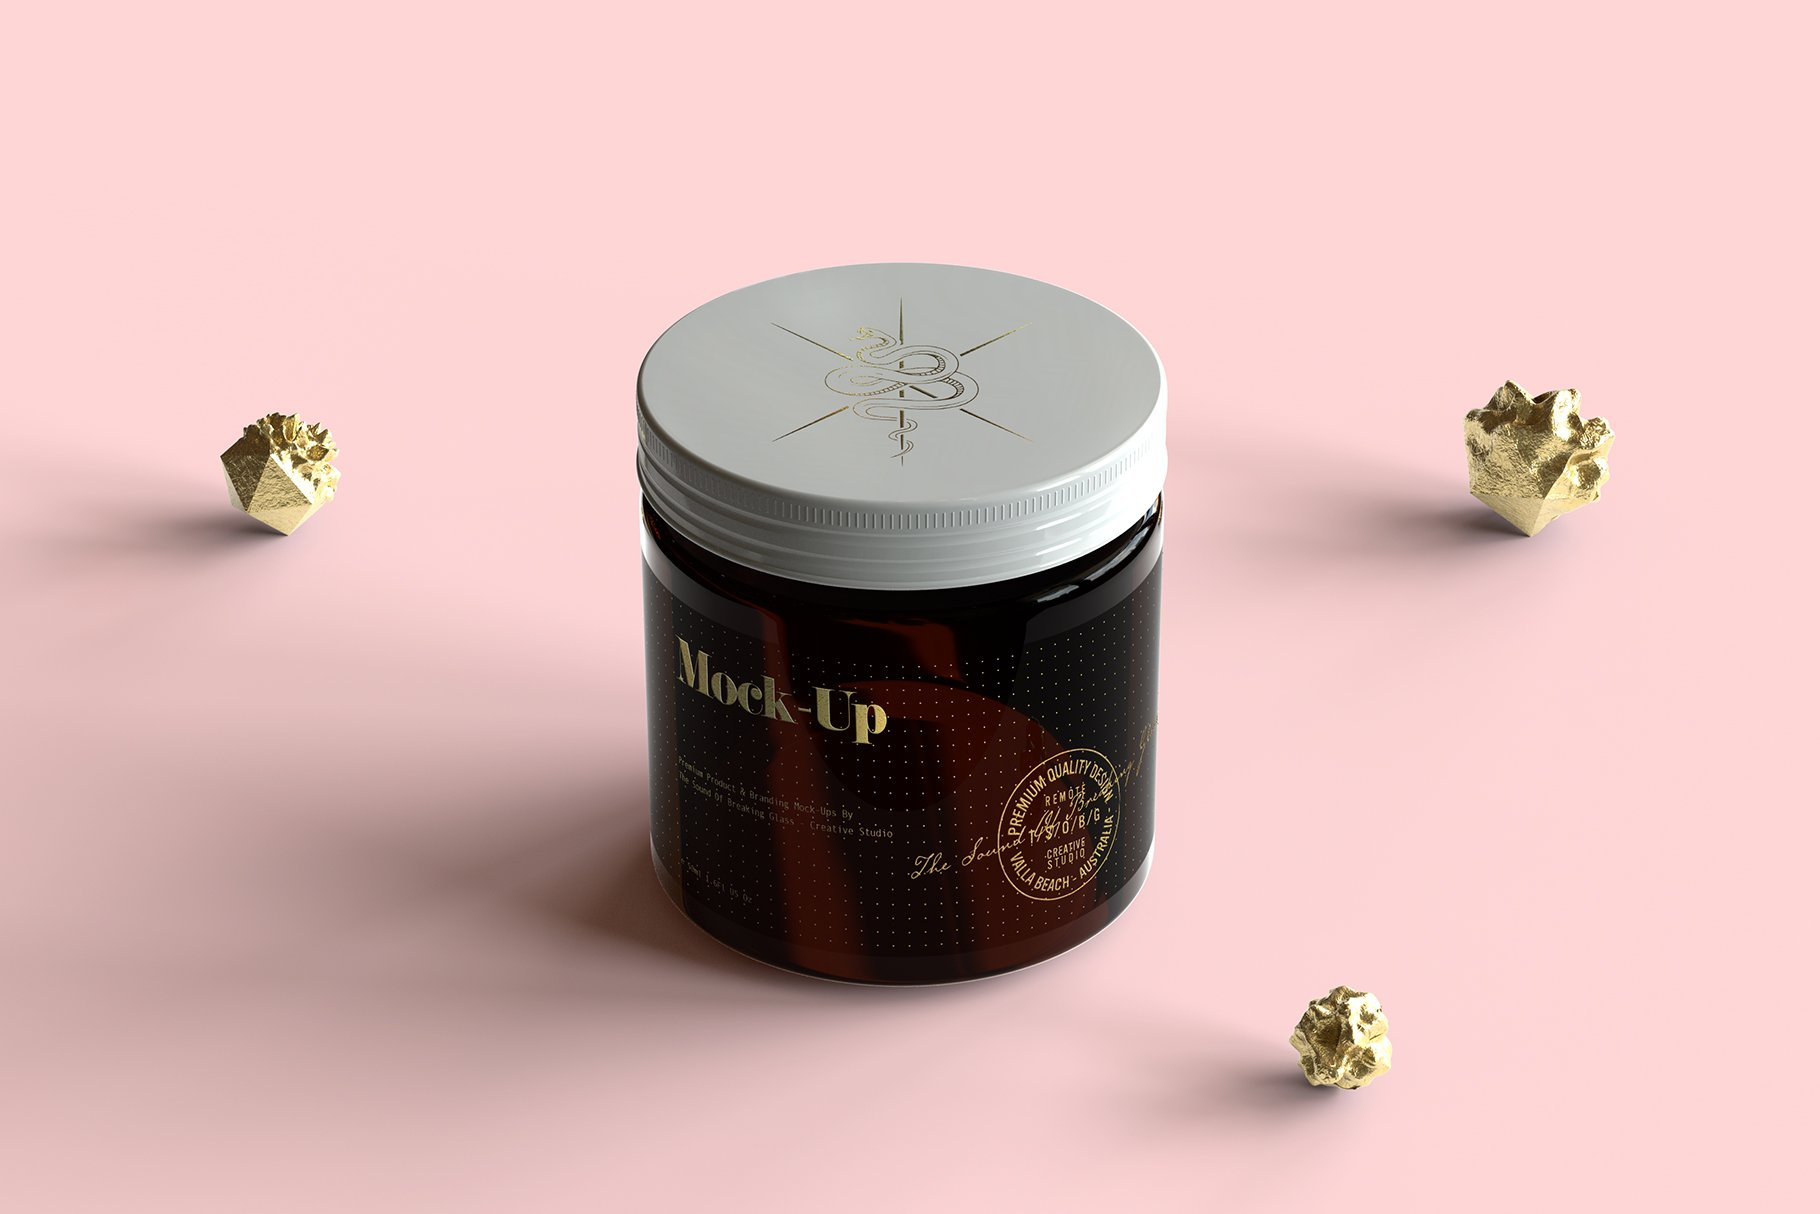 6款棕色化妆品玻璃罐包装盒设计展示样机 Amber Glass Jar & Box Mockup Vol.2插图(2)